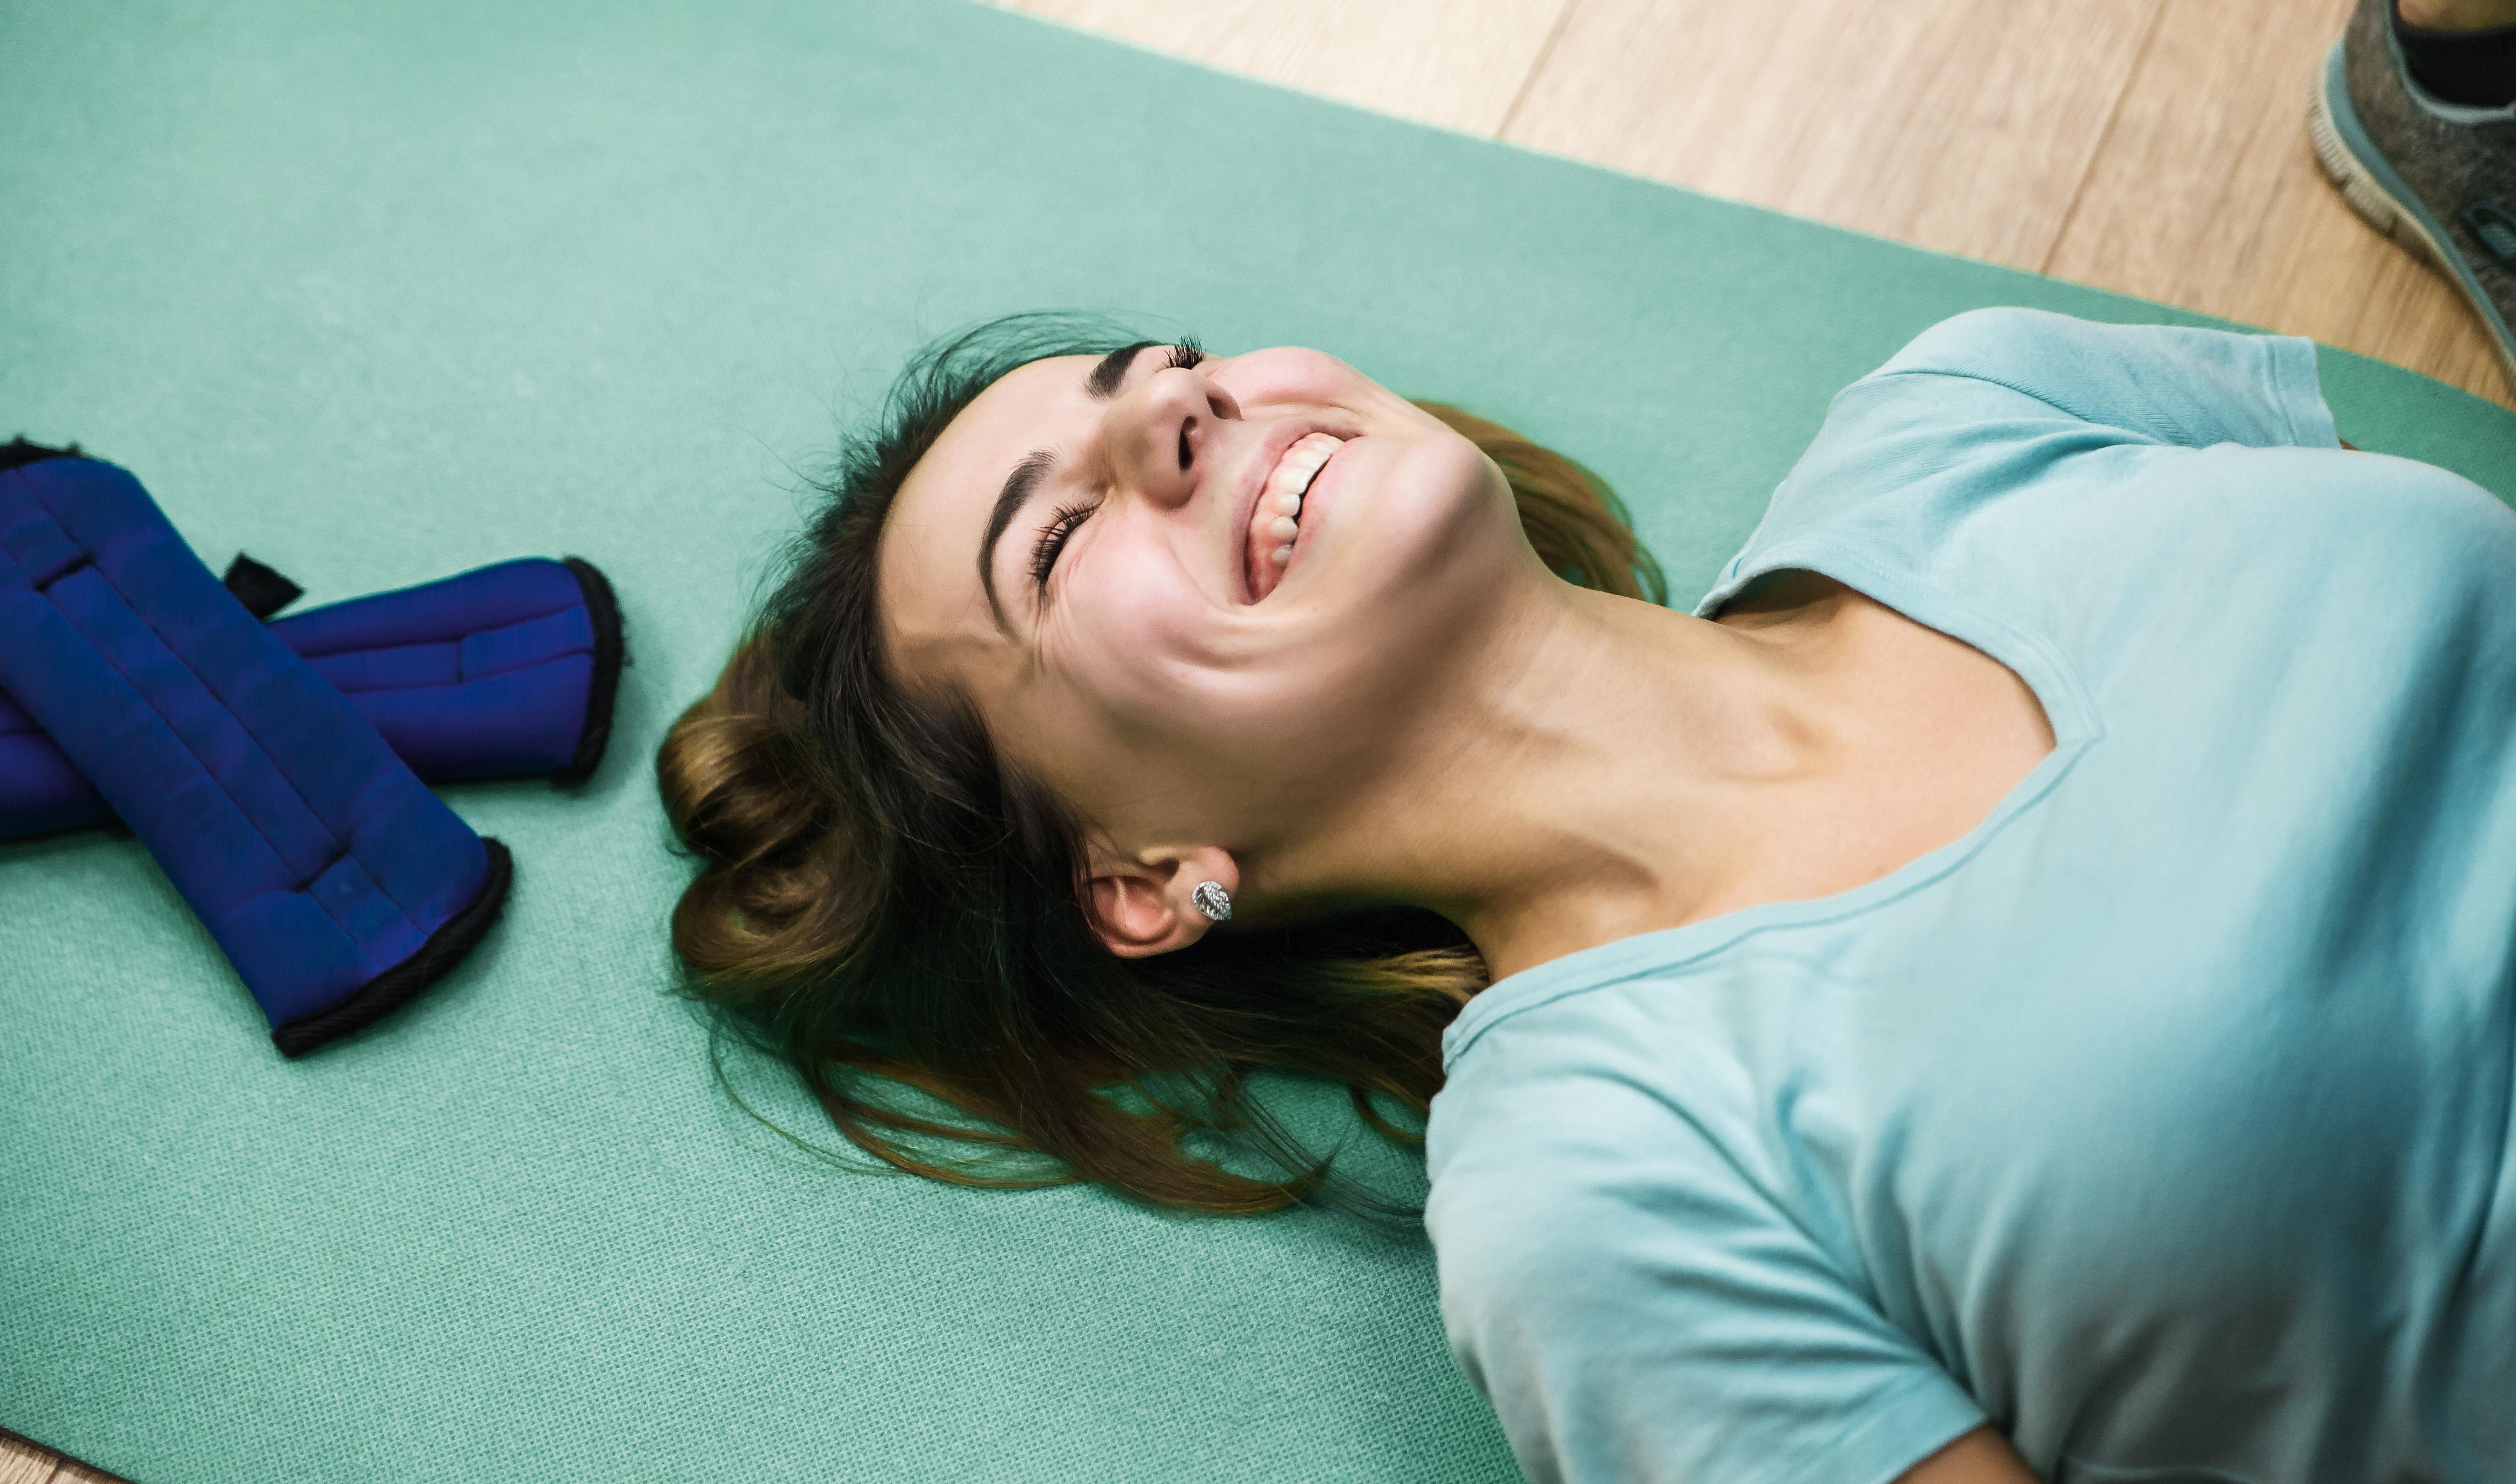 """Курс для похудения """"Body Make""""от студии танца и фитнеса """"Zames Studio"""" за 3,13 руб./занятие"""